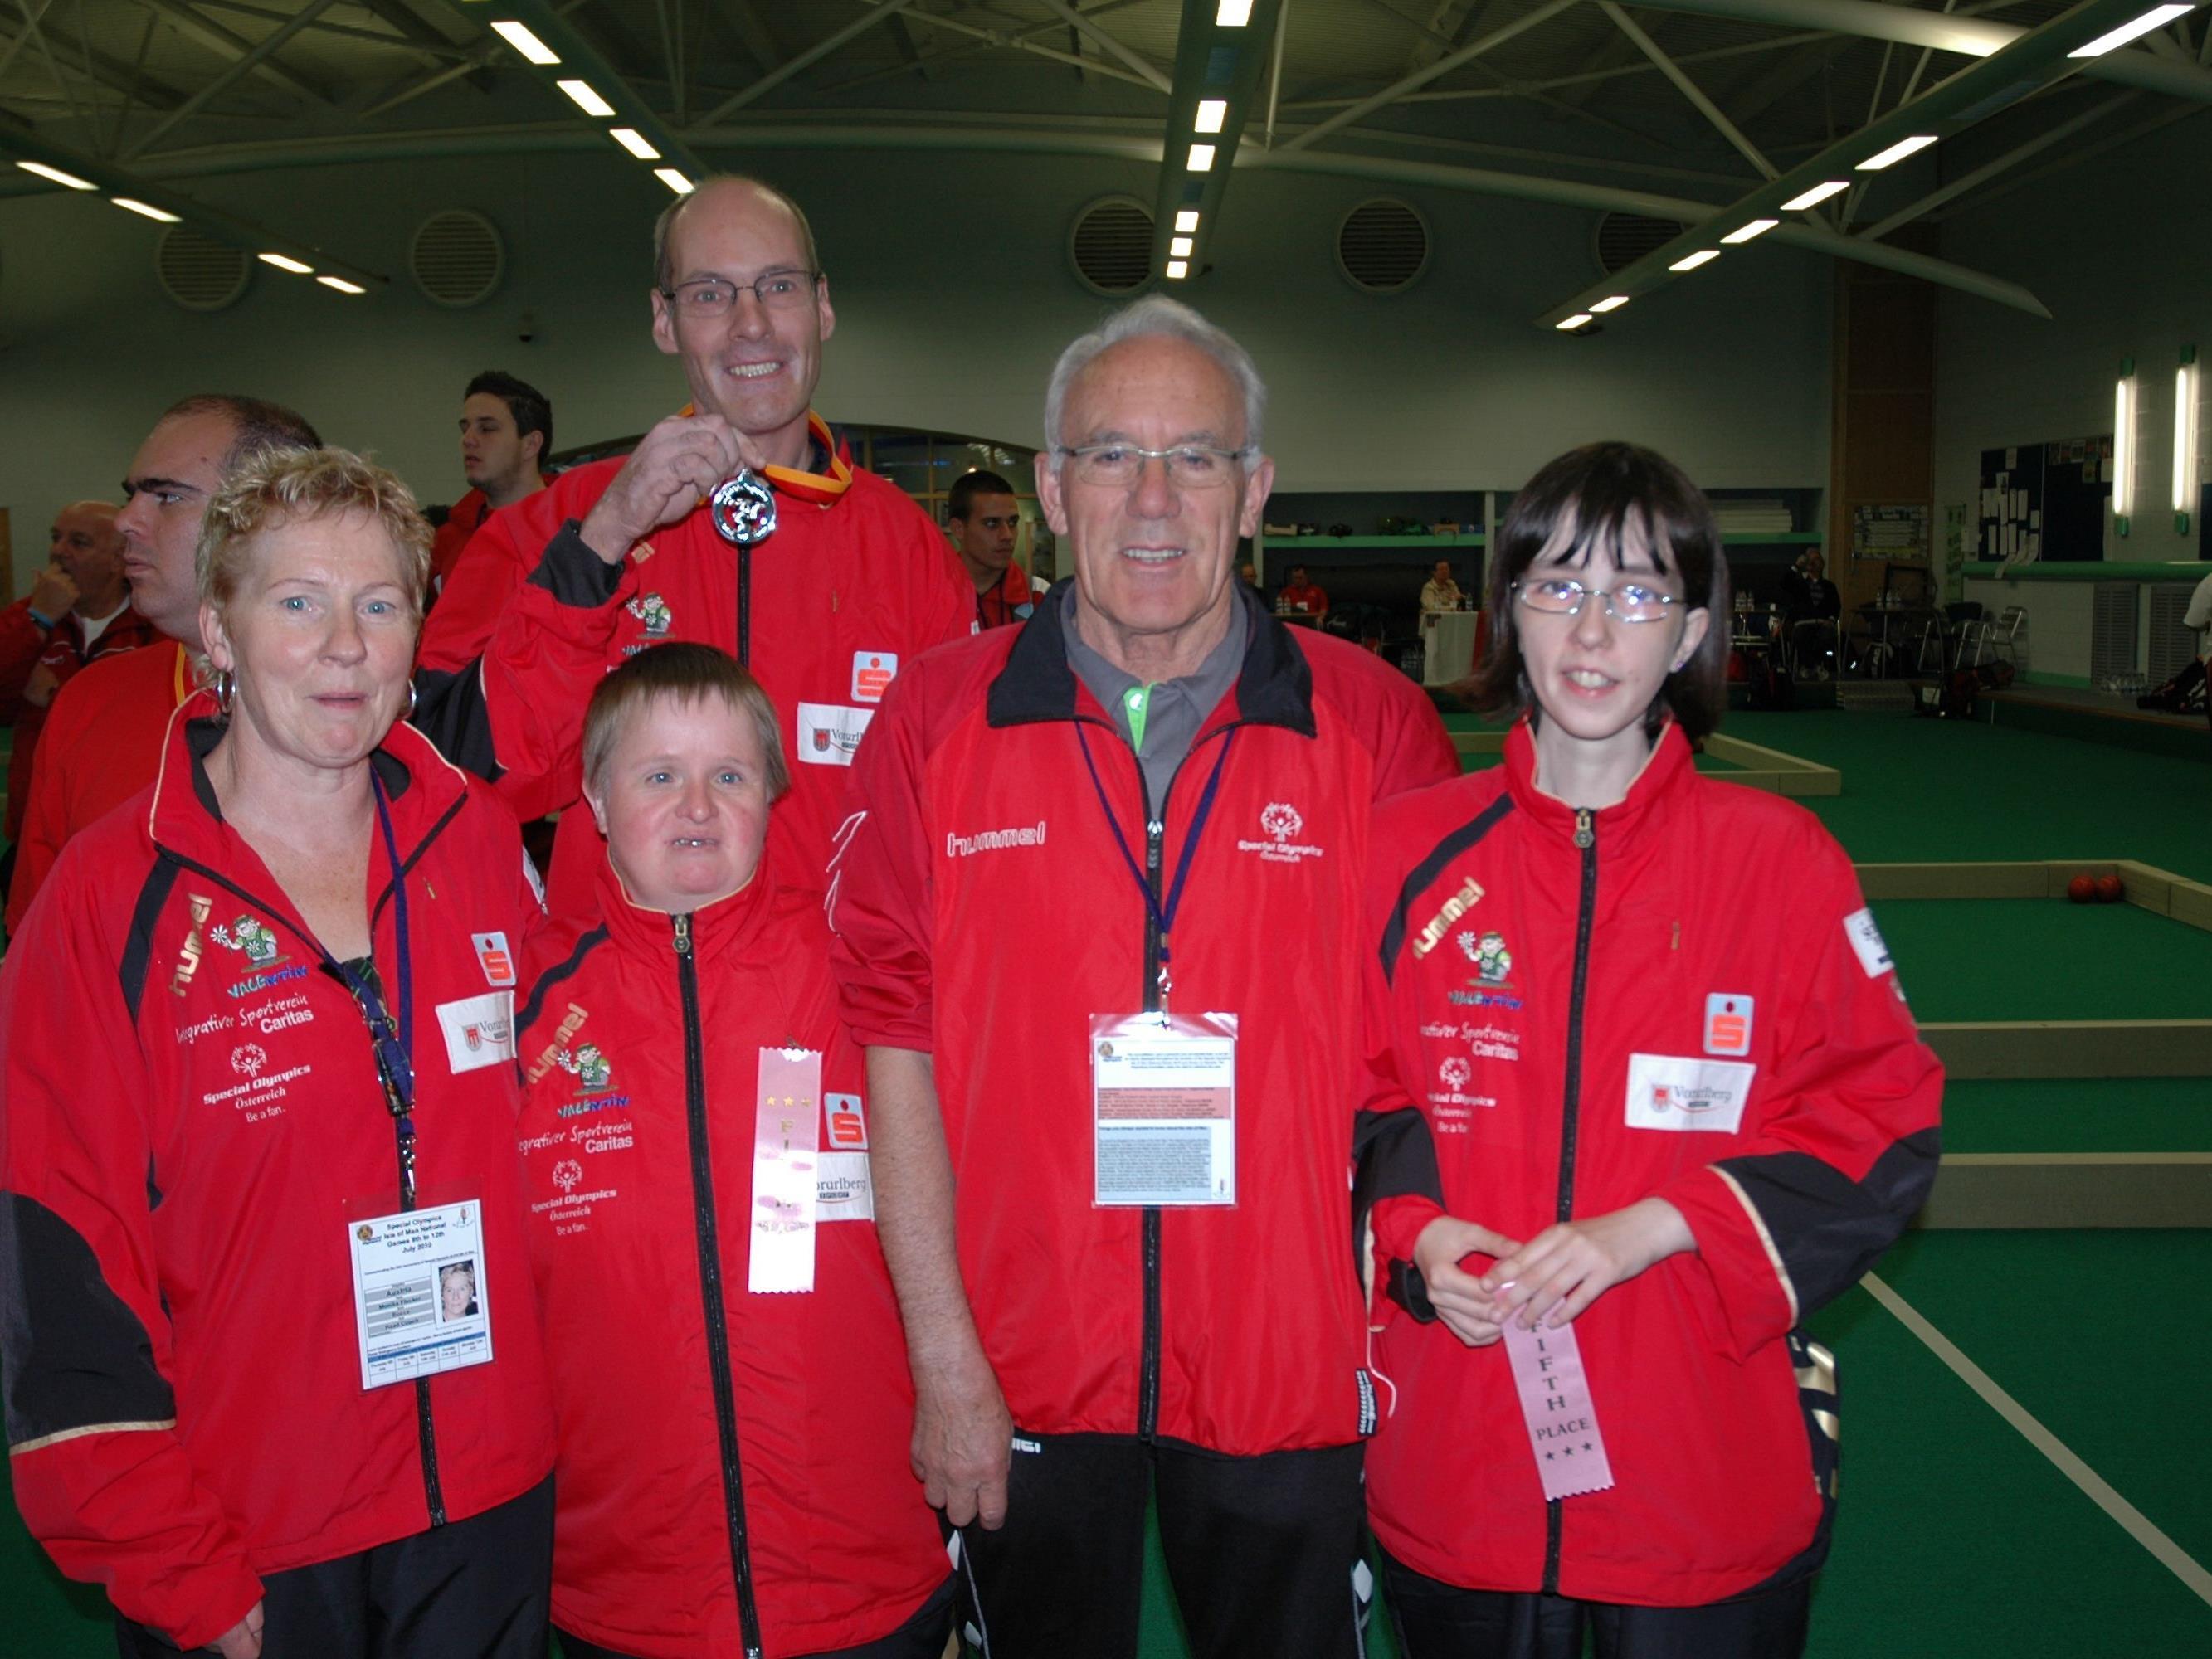 Das Boccia-Team aus Bludenz freut sich auf die Meisterschaften in Hard.